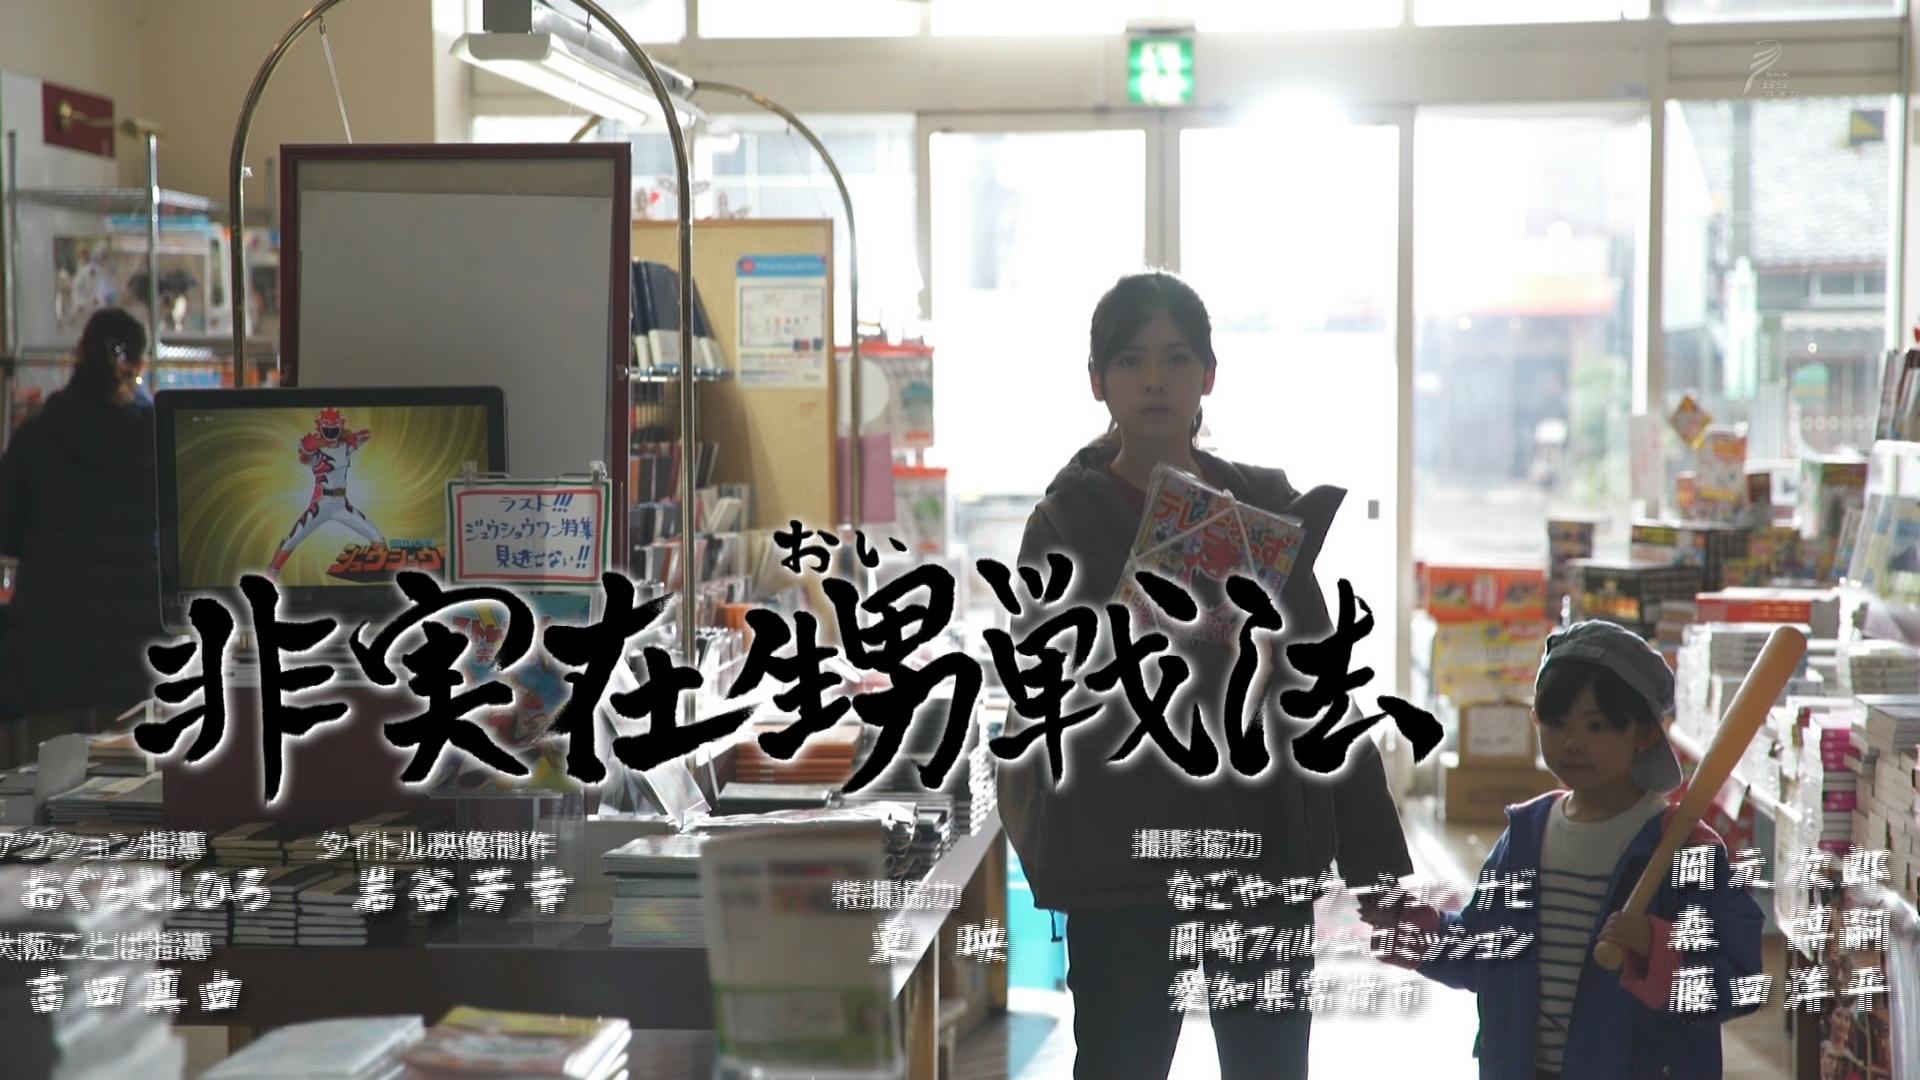 『トクサツガガガ』第7話(再)隠れオタ奥義(この手でリュウソウジャー劇場版パンフレットを・・・)